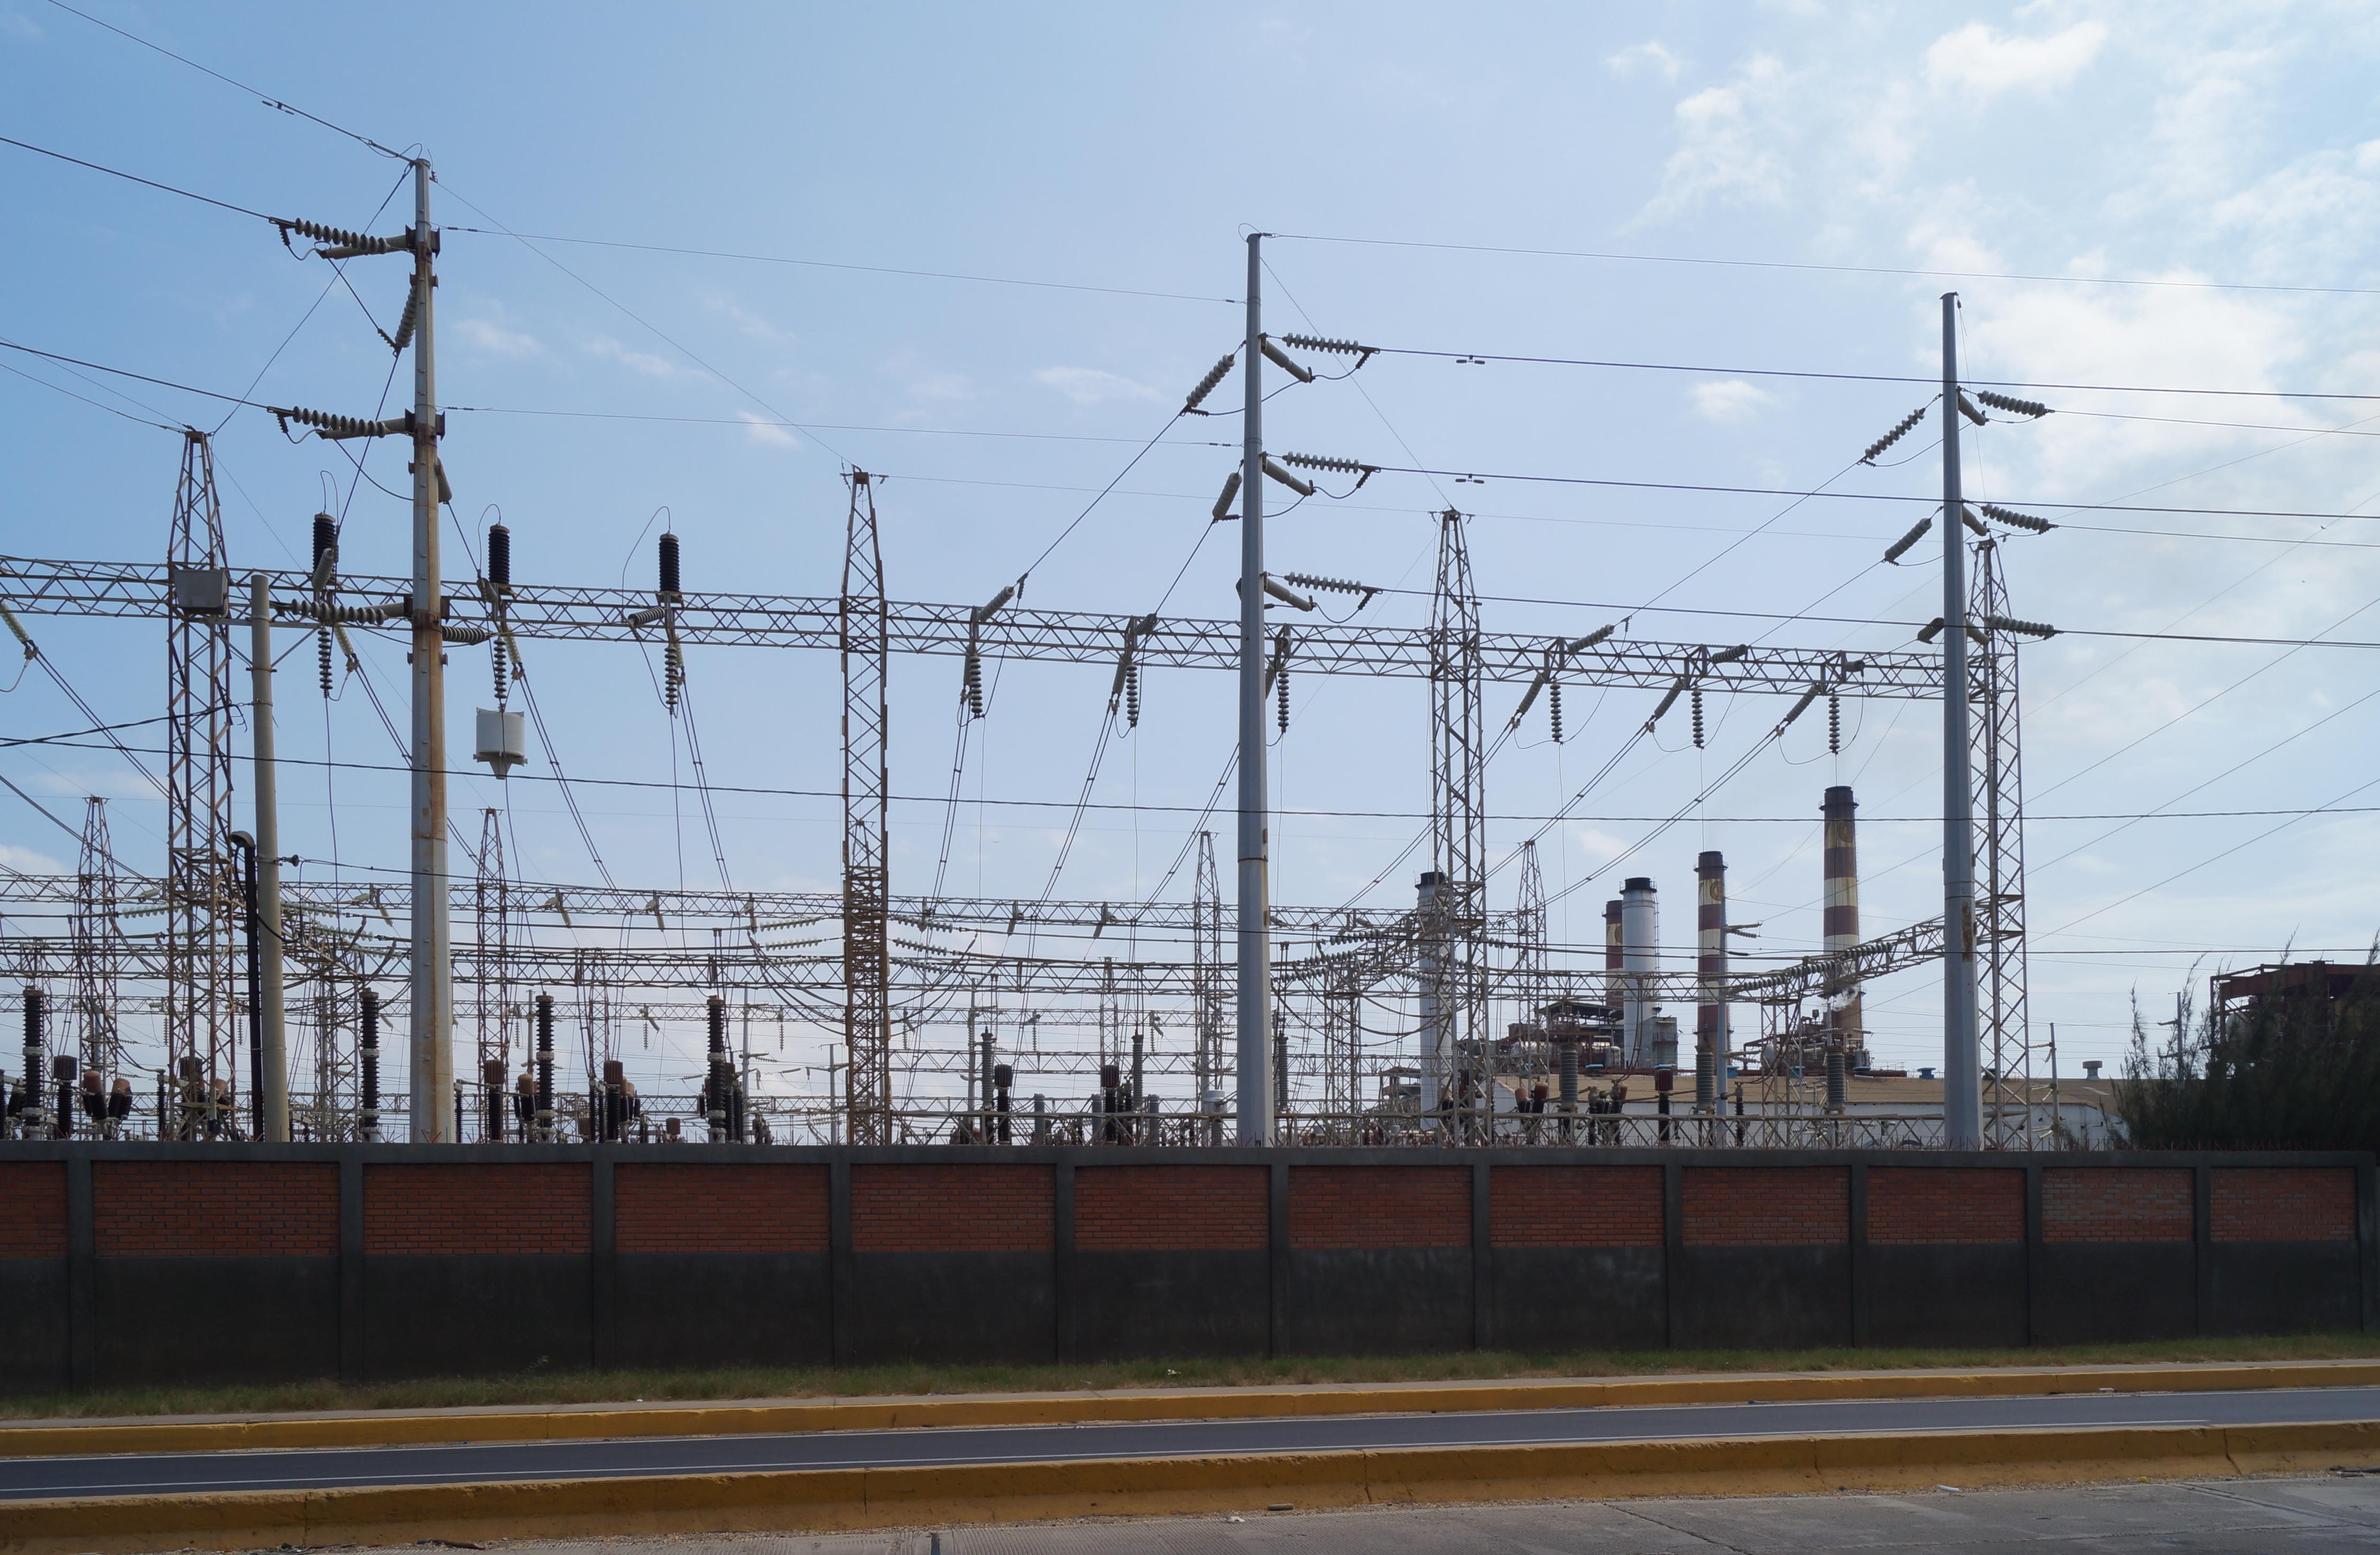 aislantes de electricidad yahoo dating